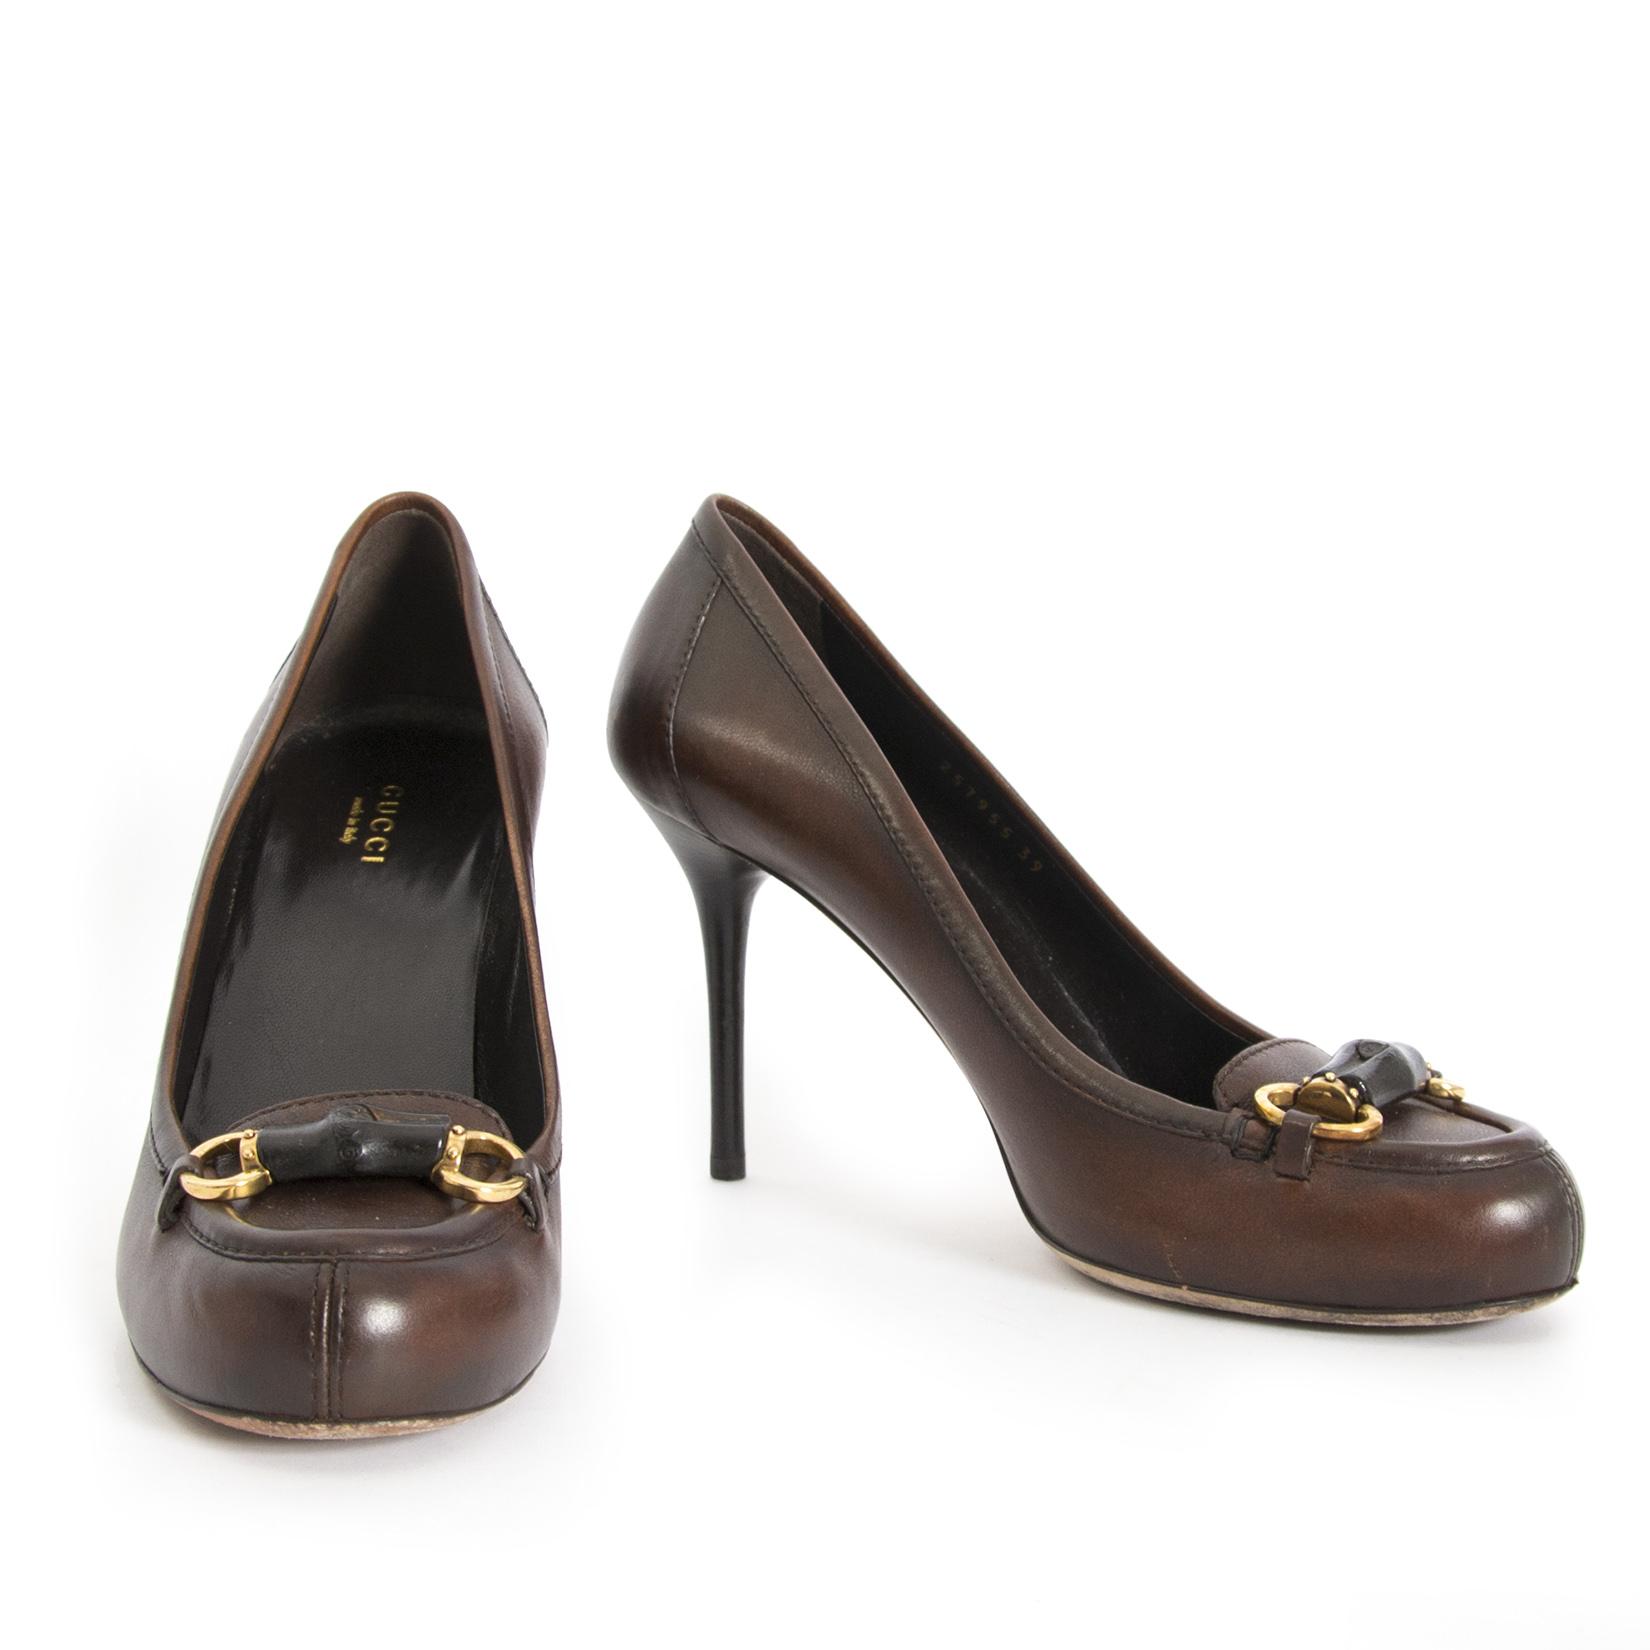 shop safe online your Gucci Brown Horsebit Pumps - size 39